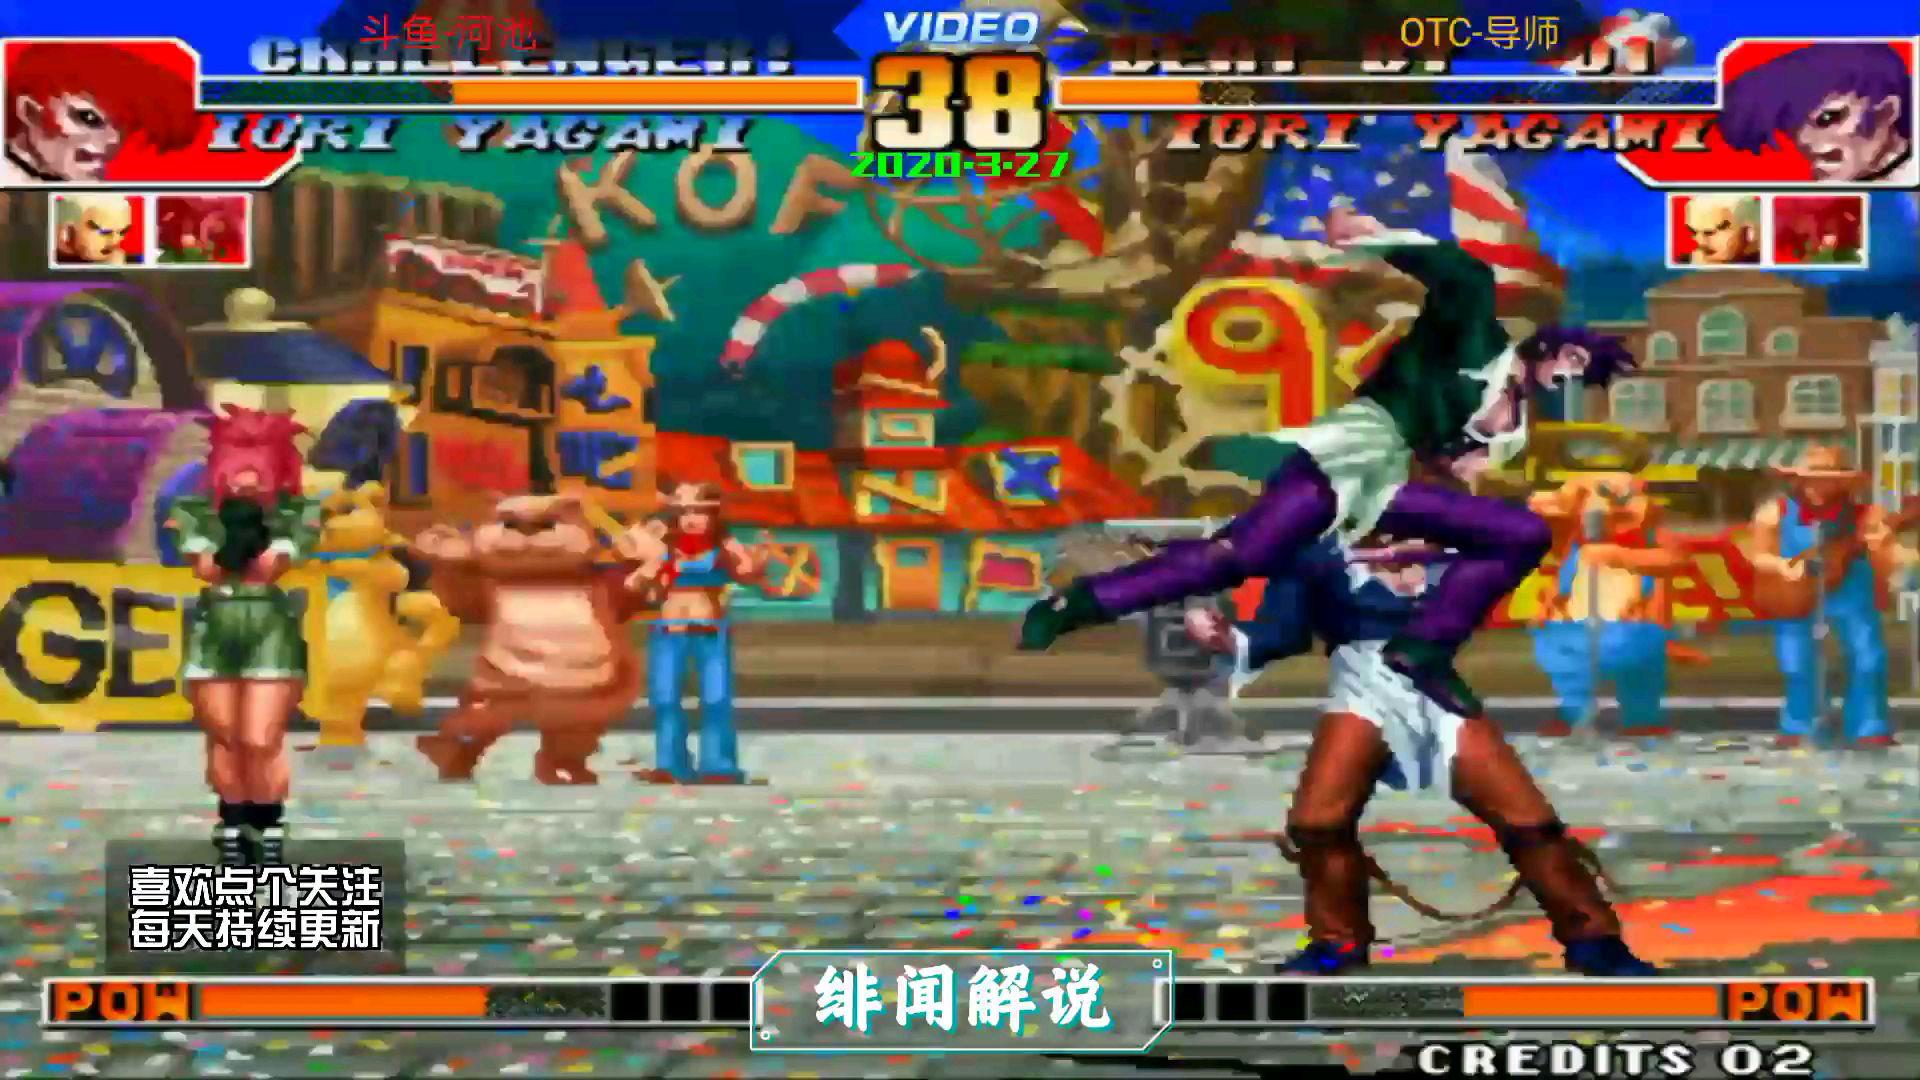 拳皇97:河池vs小孩。疯八疯女有多疯?